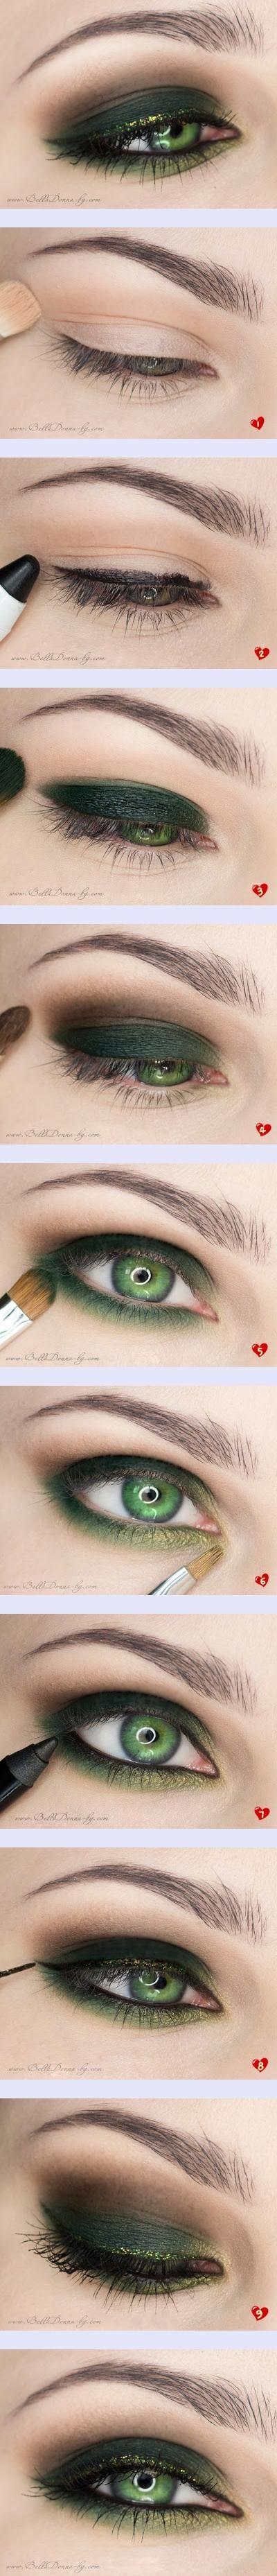 Pinspire - Pin de Raquel S.:paso a paso maquillaje verde oscuro